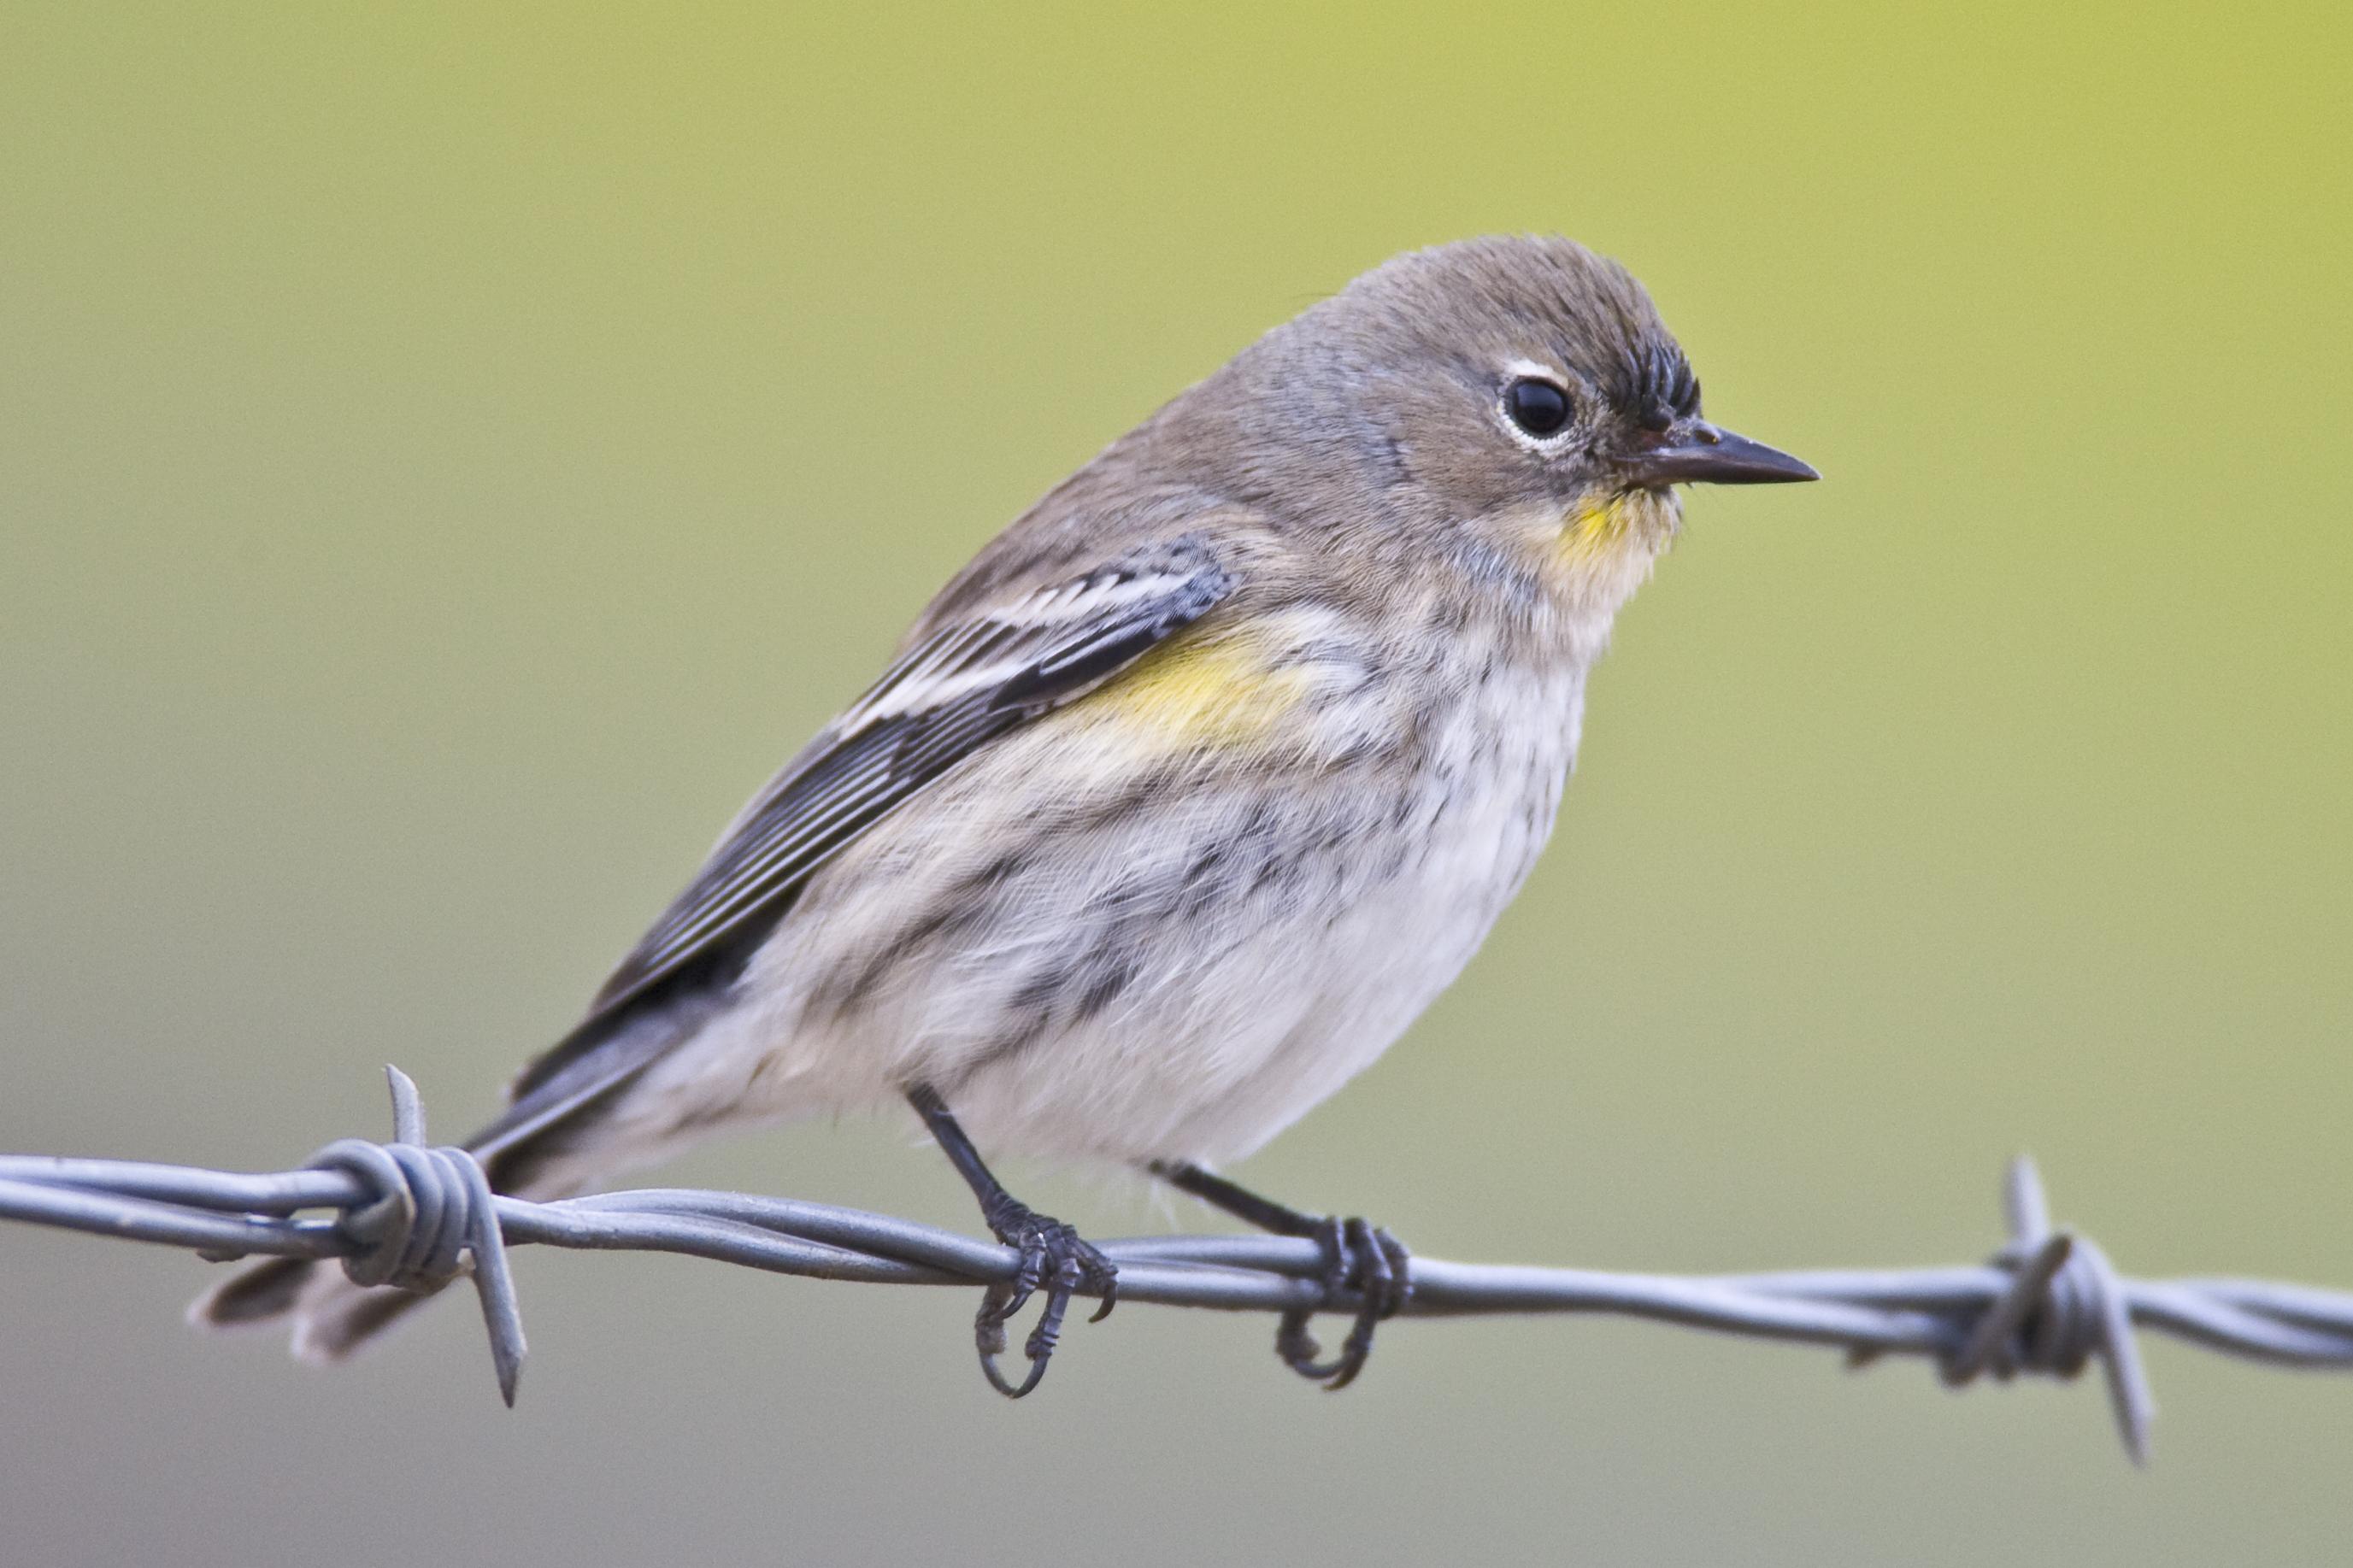 Yellow Rumped Warbler Audubon File:Mikebaird - Yello...